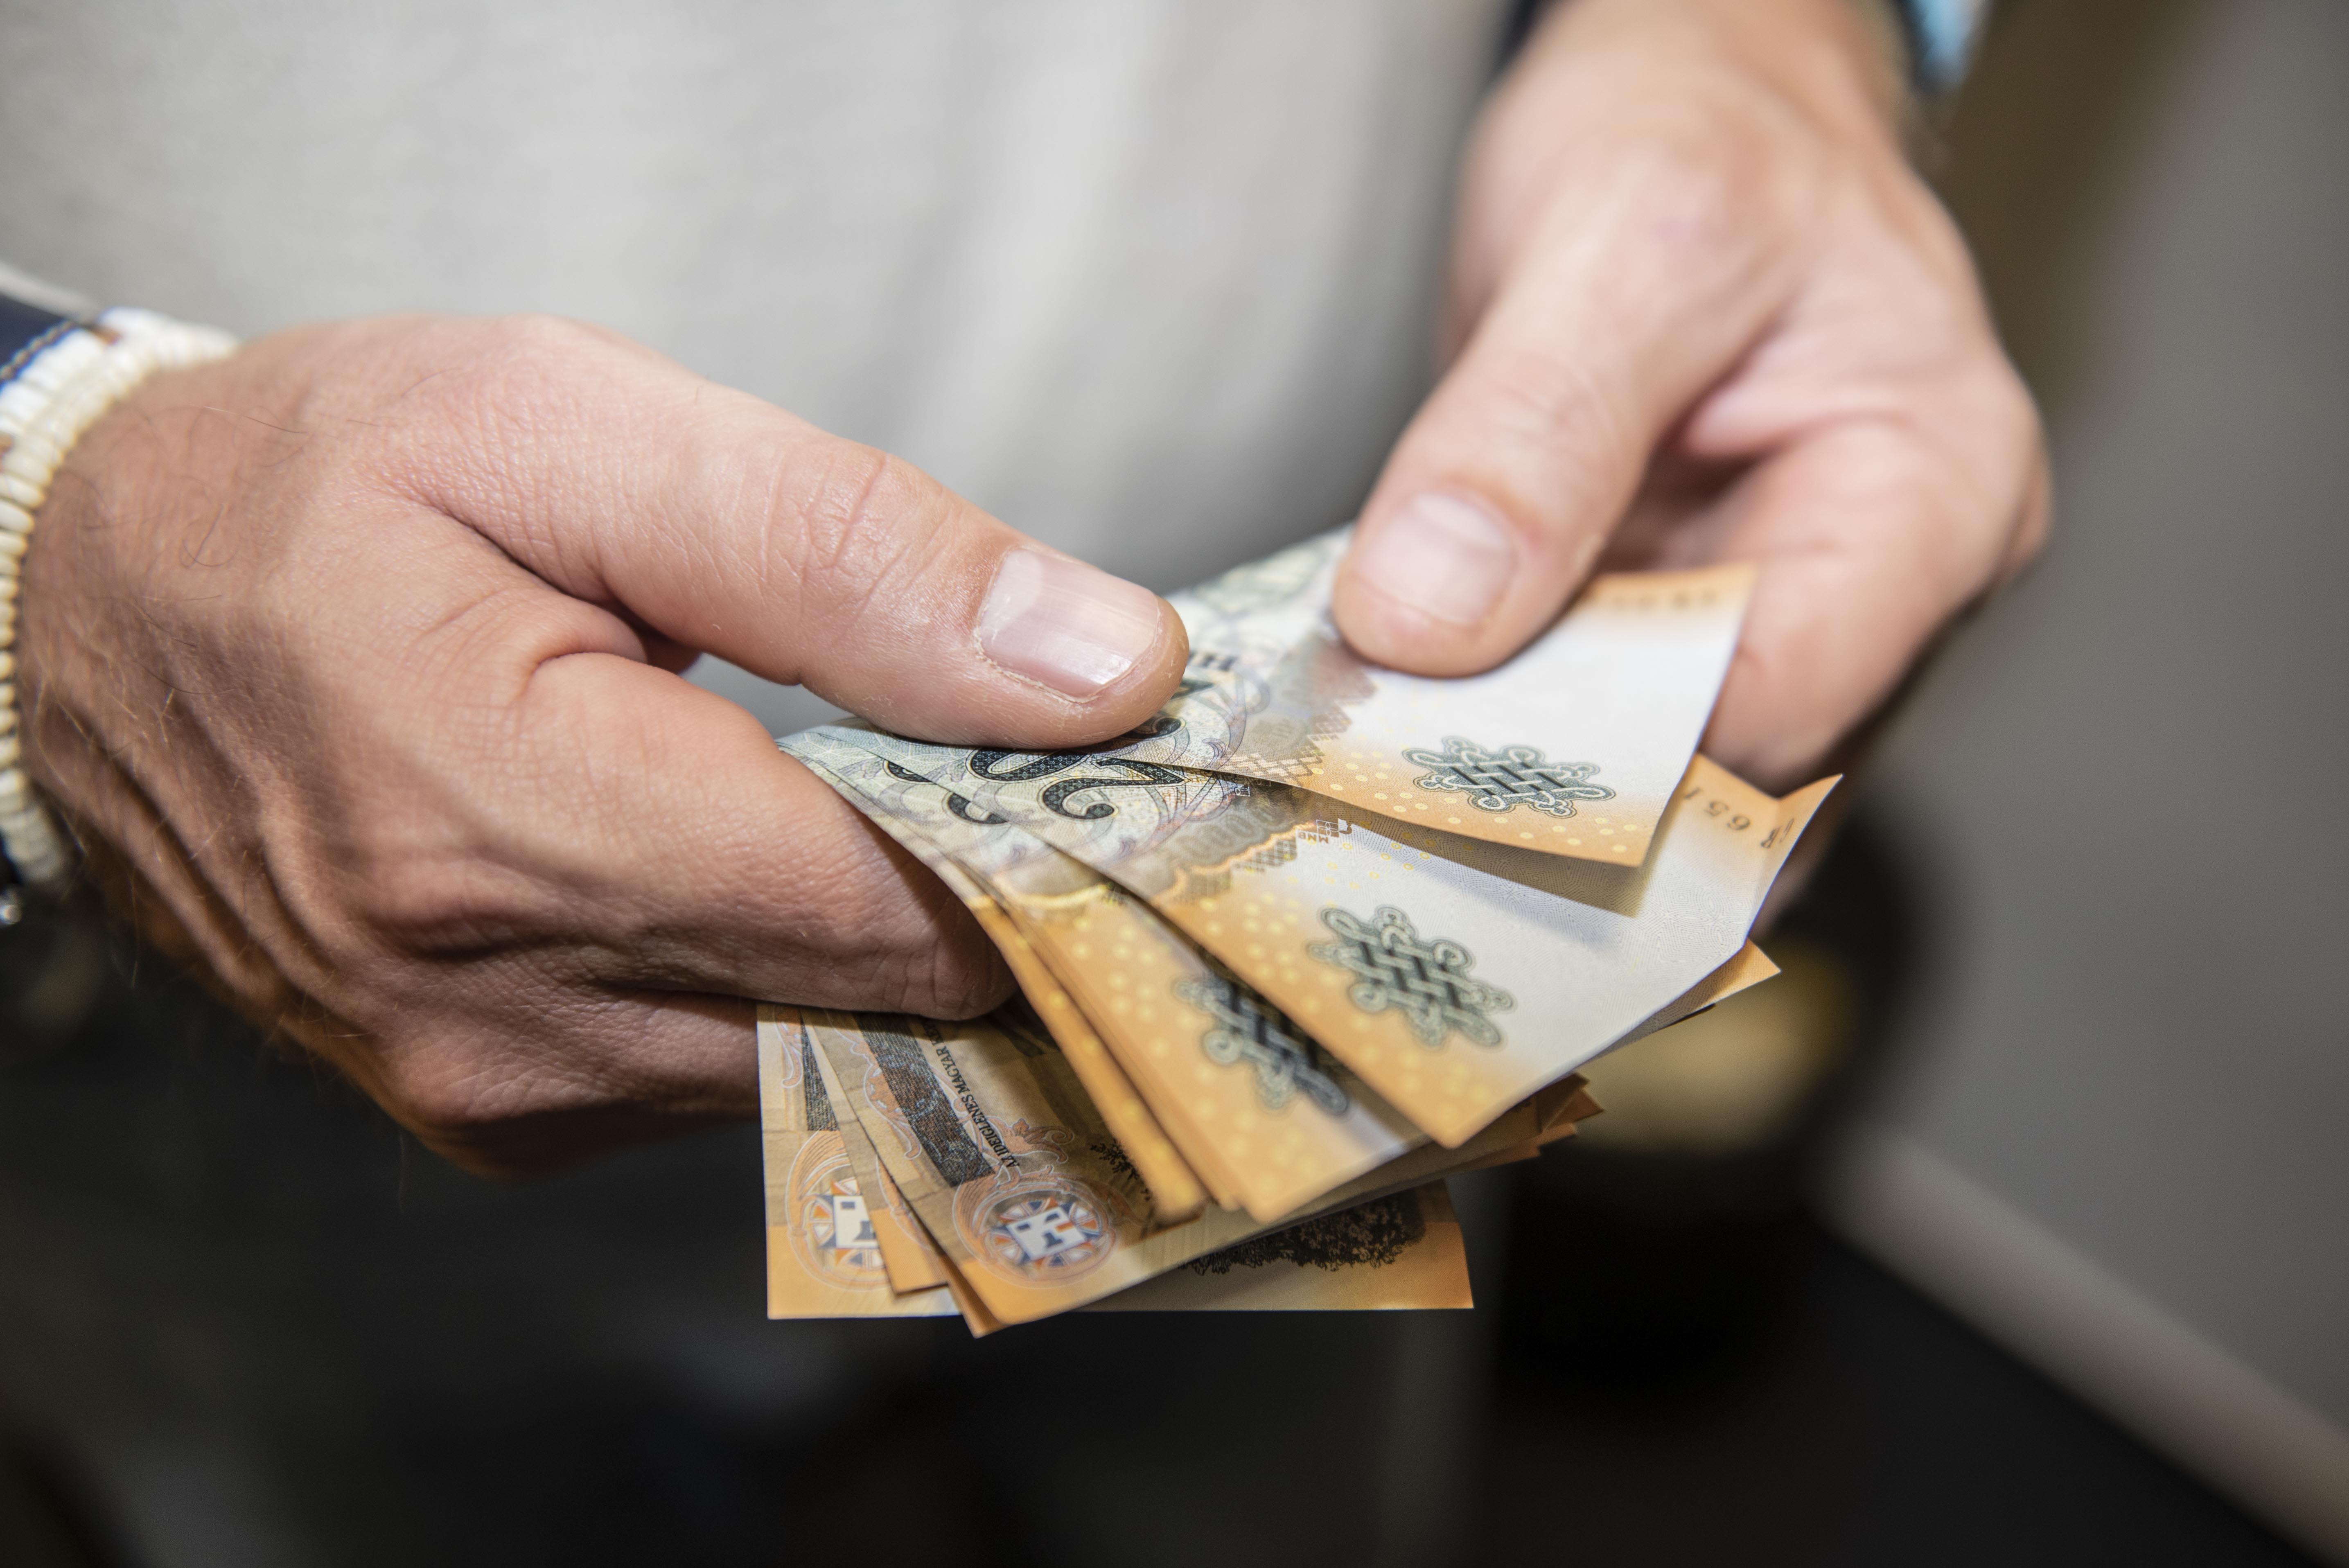 hogyan lehet pénzt keresni 500-zal